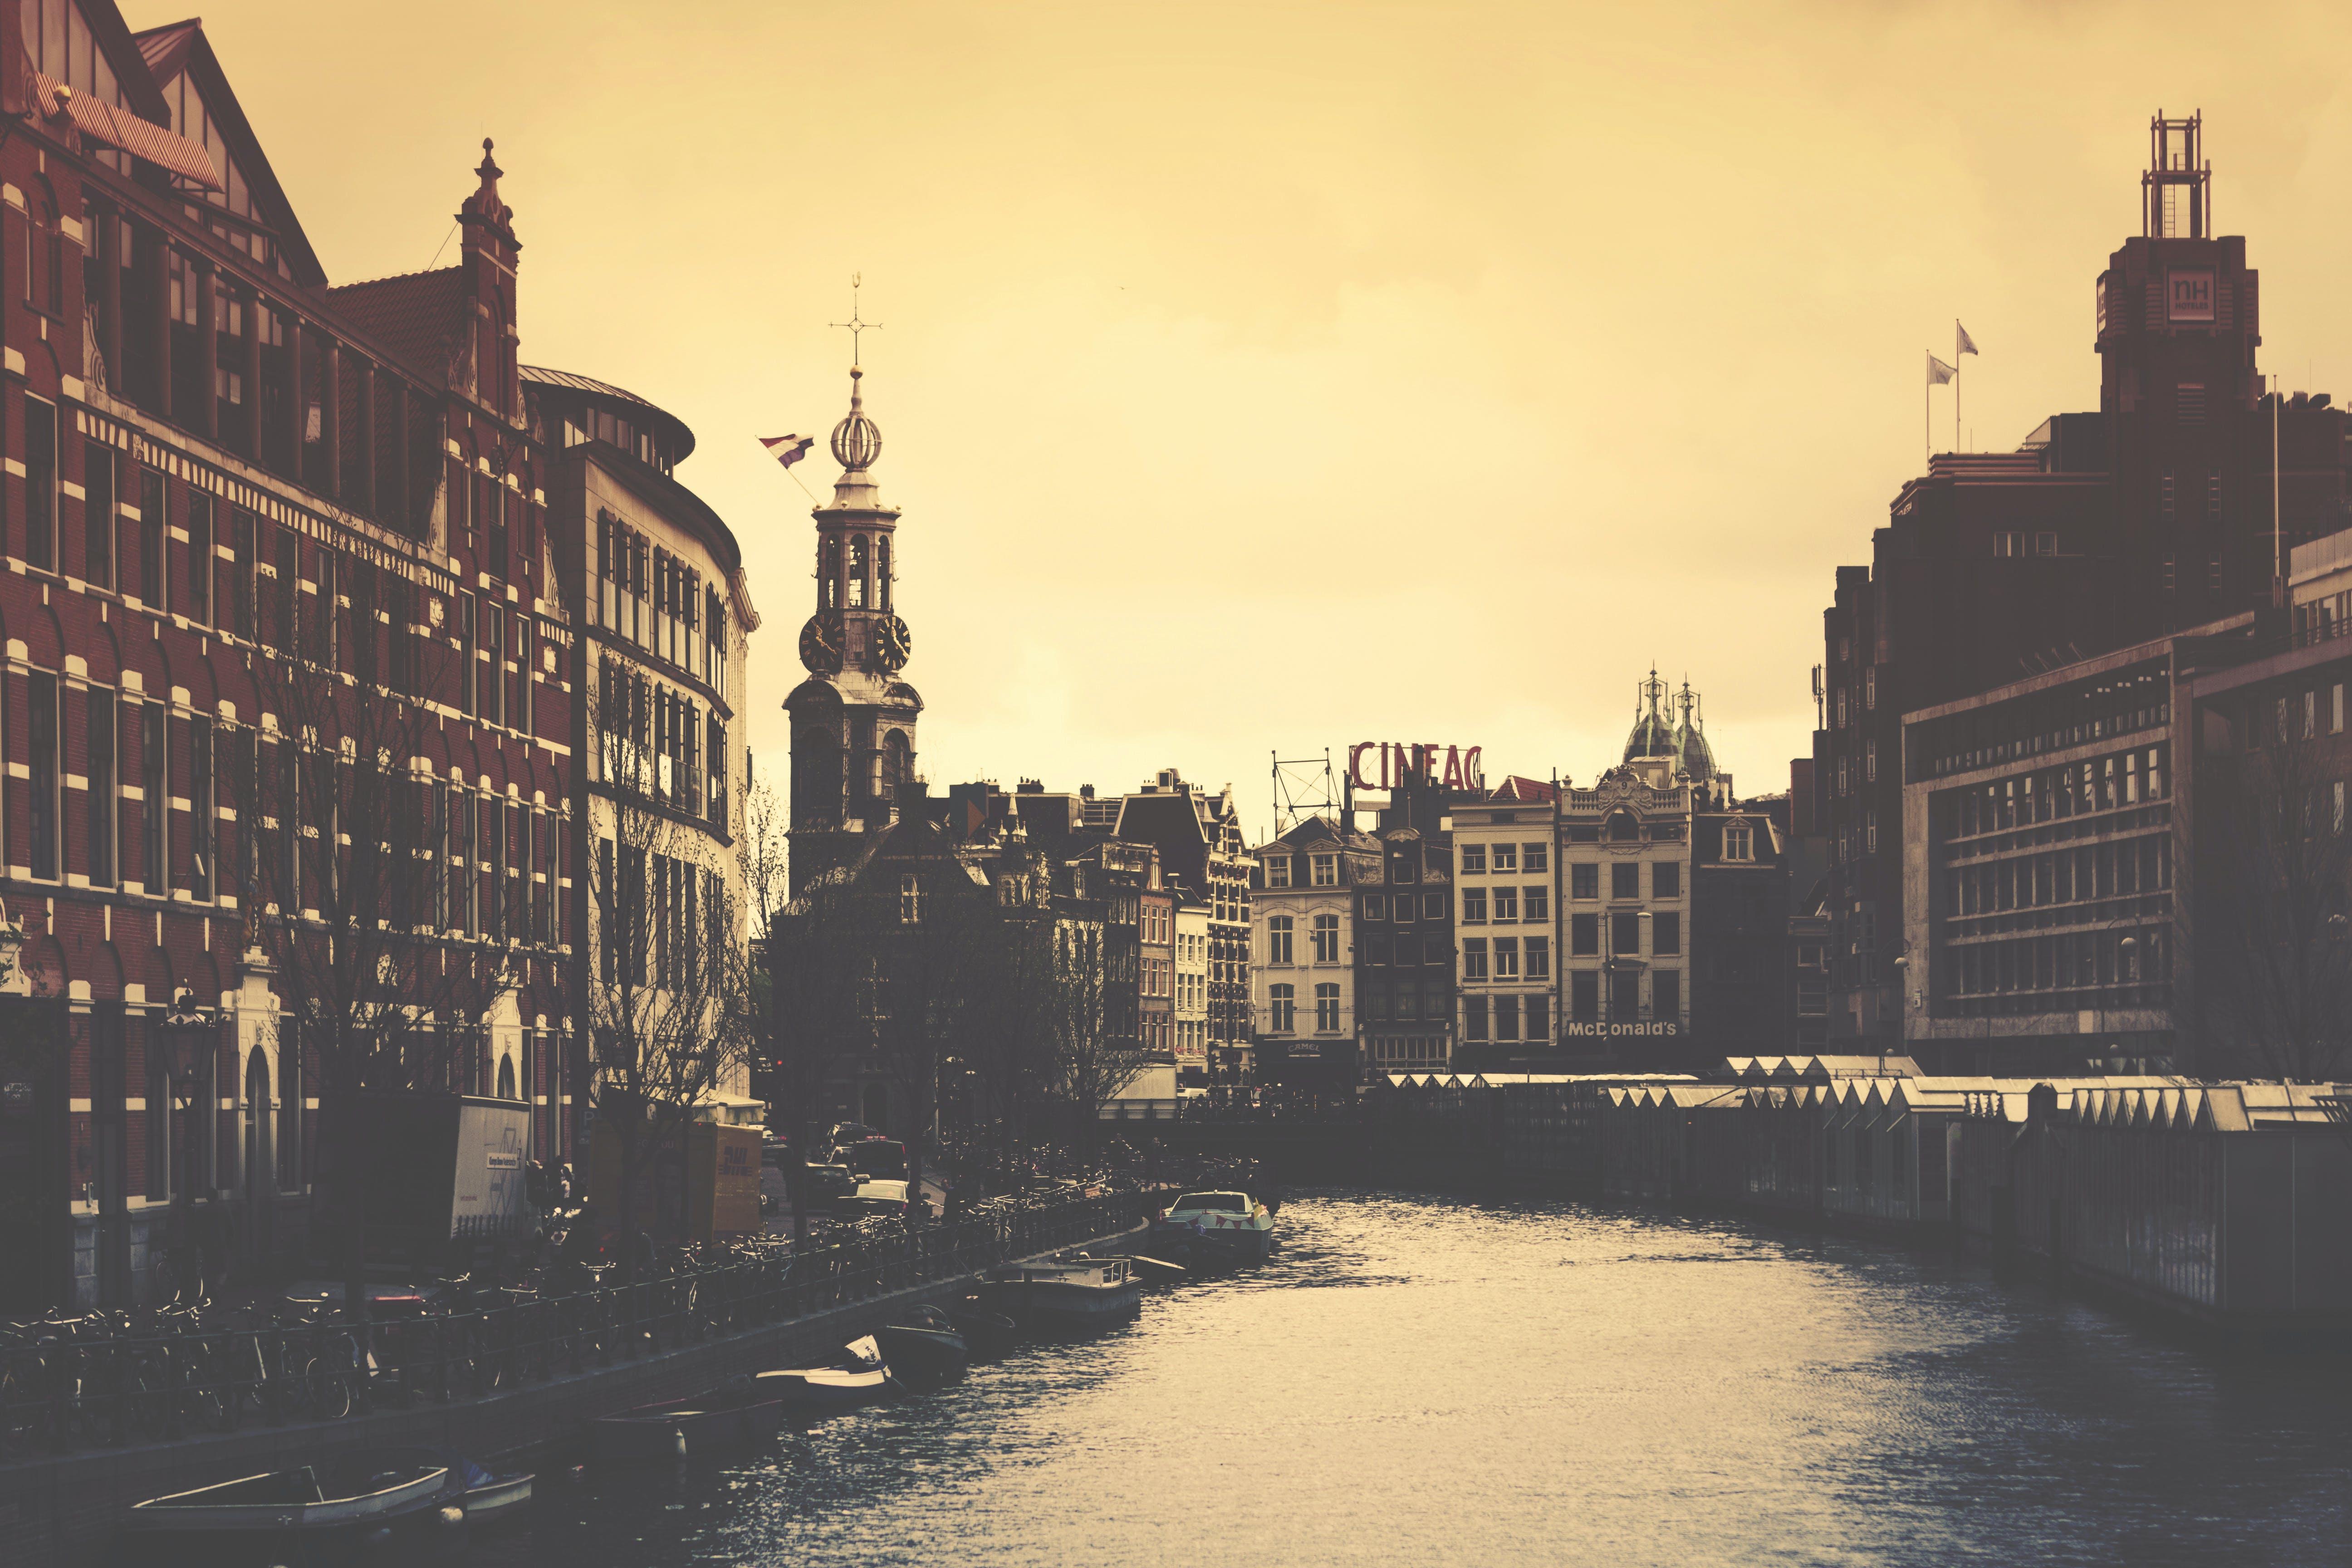 Kostenloses Stock Foto zu amsterdam, architektur, gebäude, holland